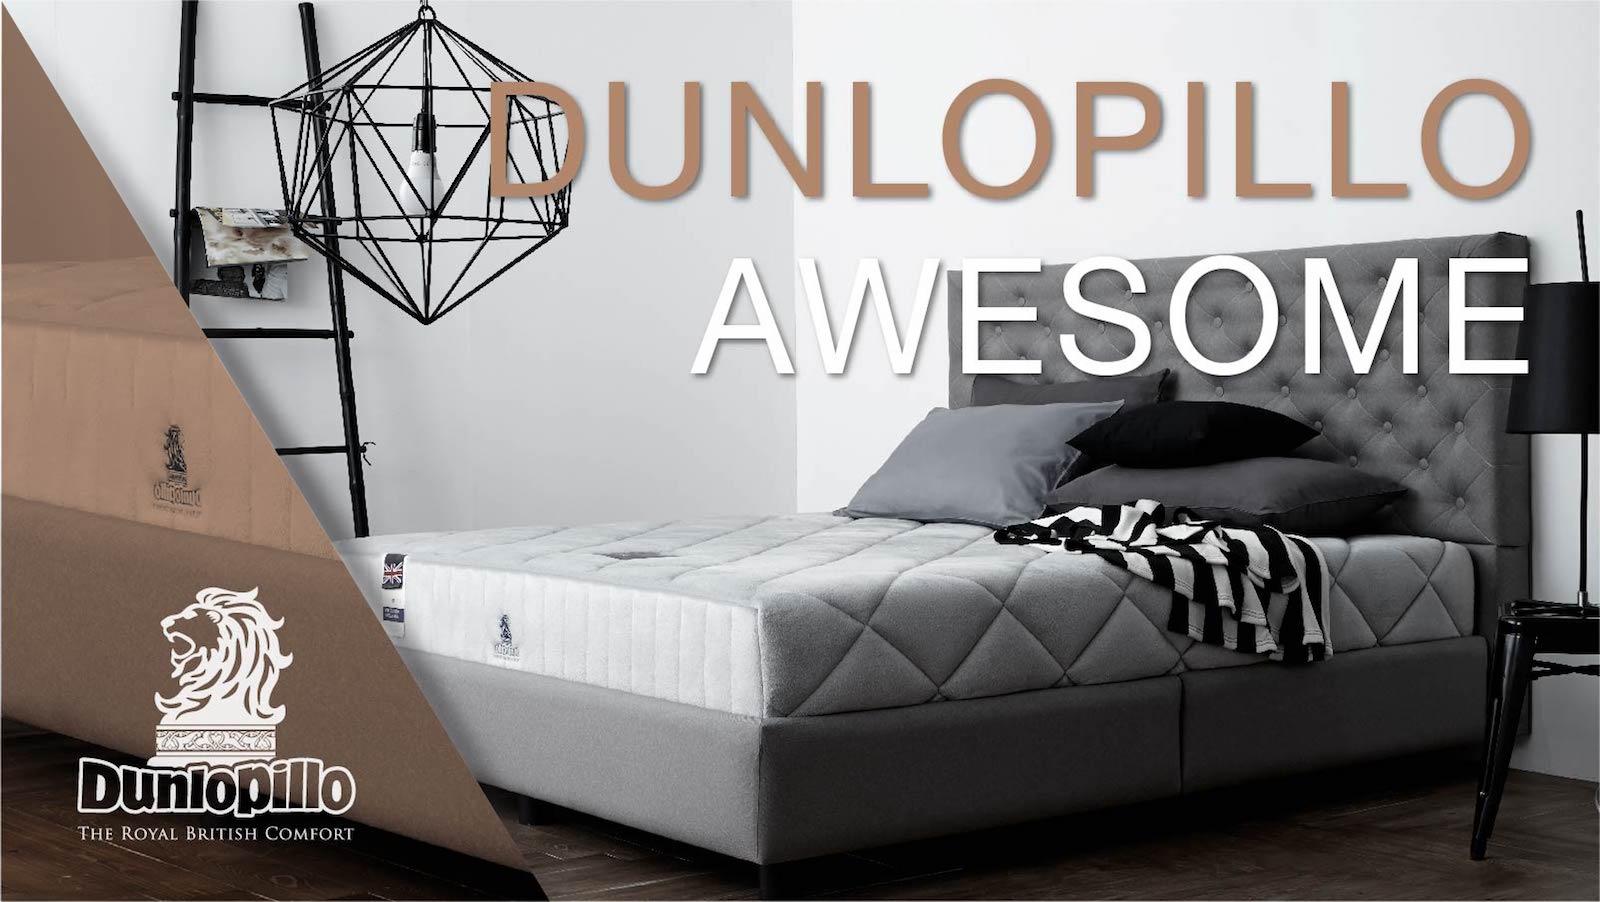 ที่นอน Dunlopillo รุ่น Awesome